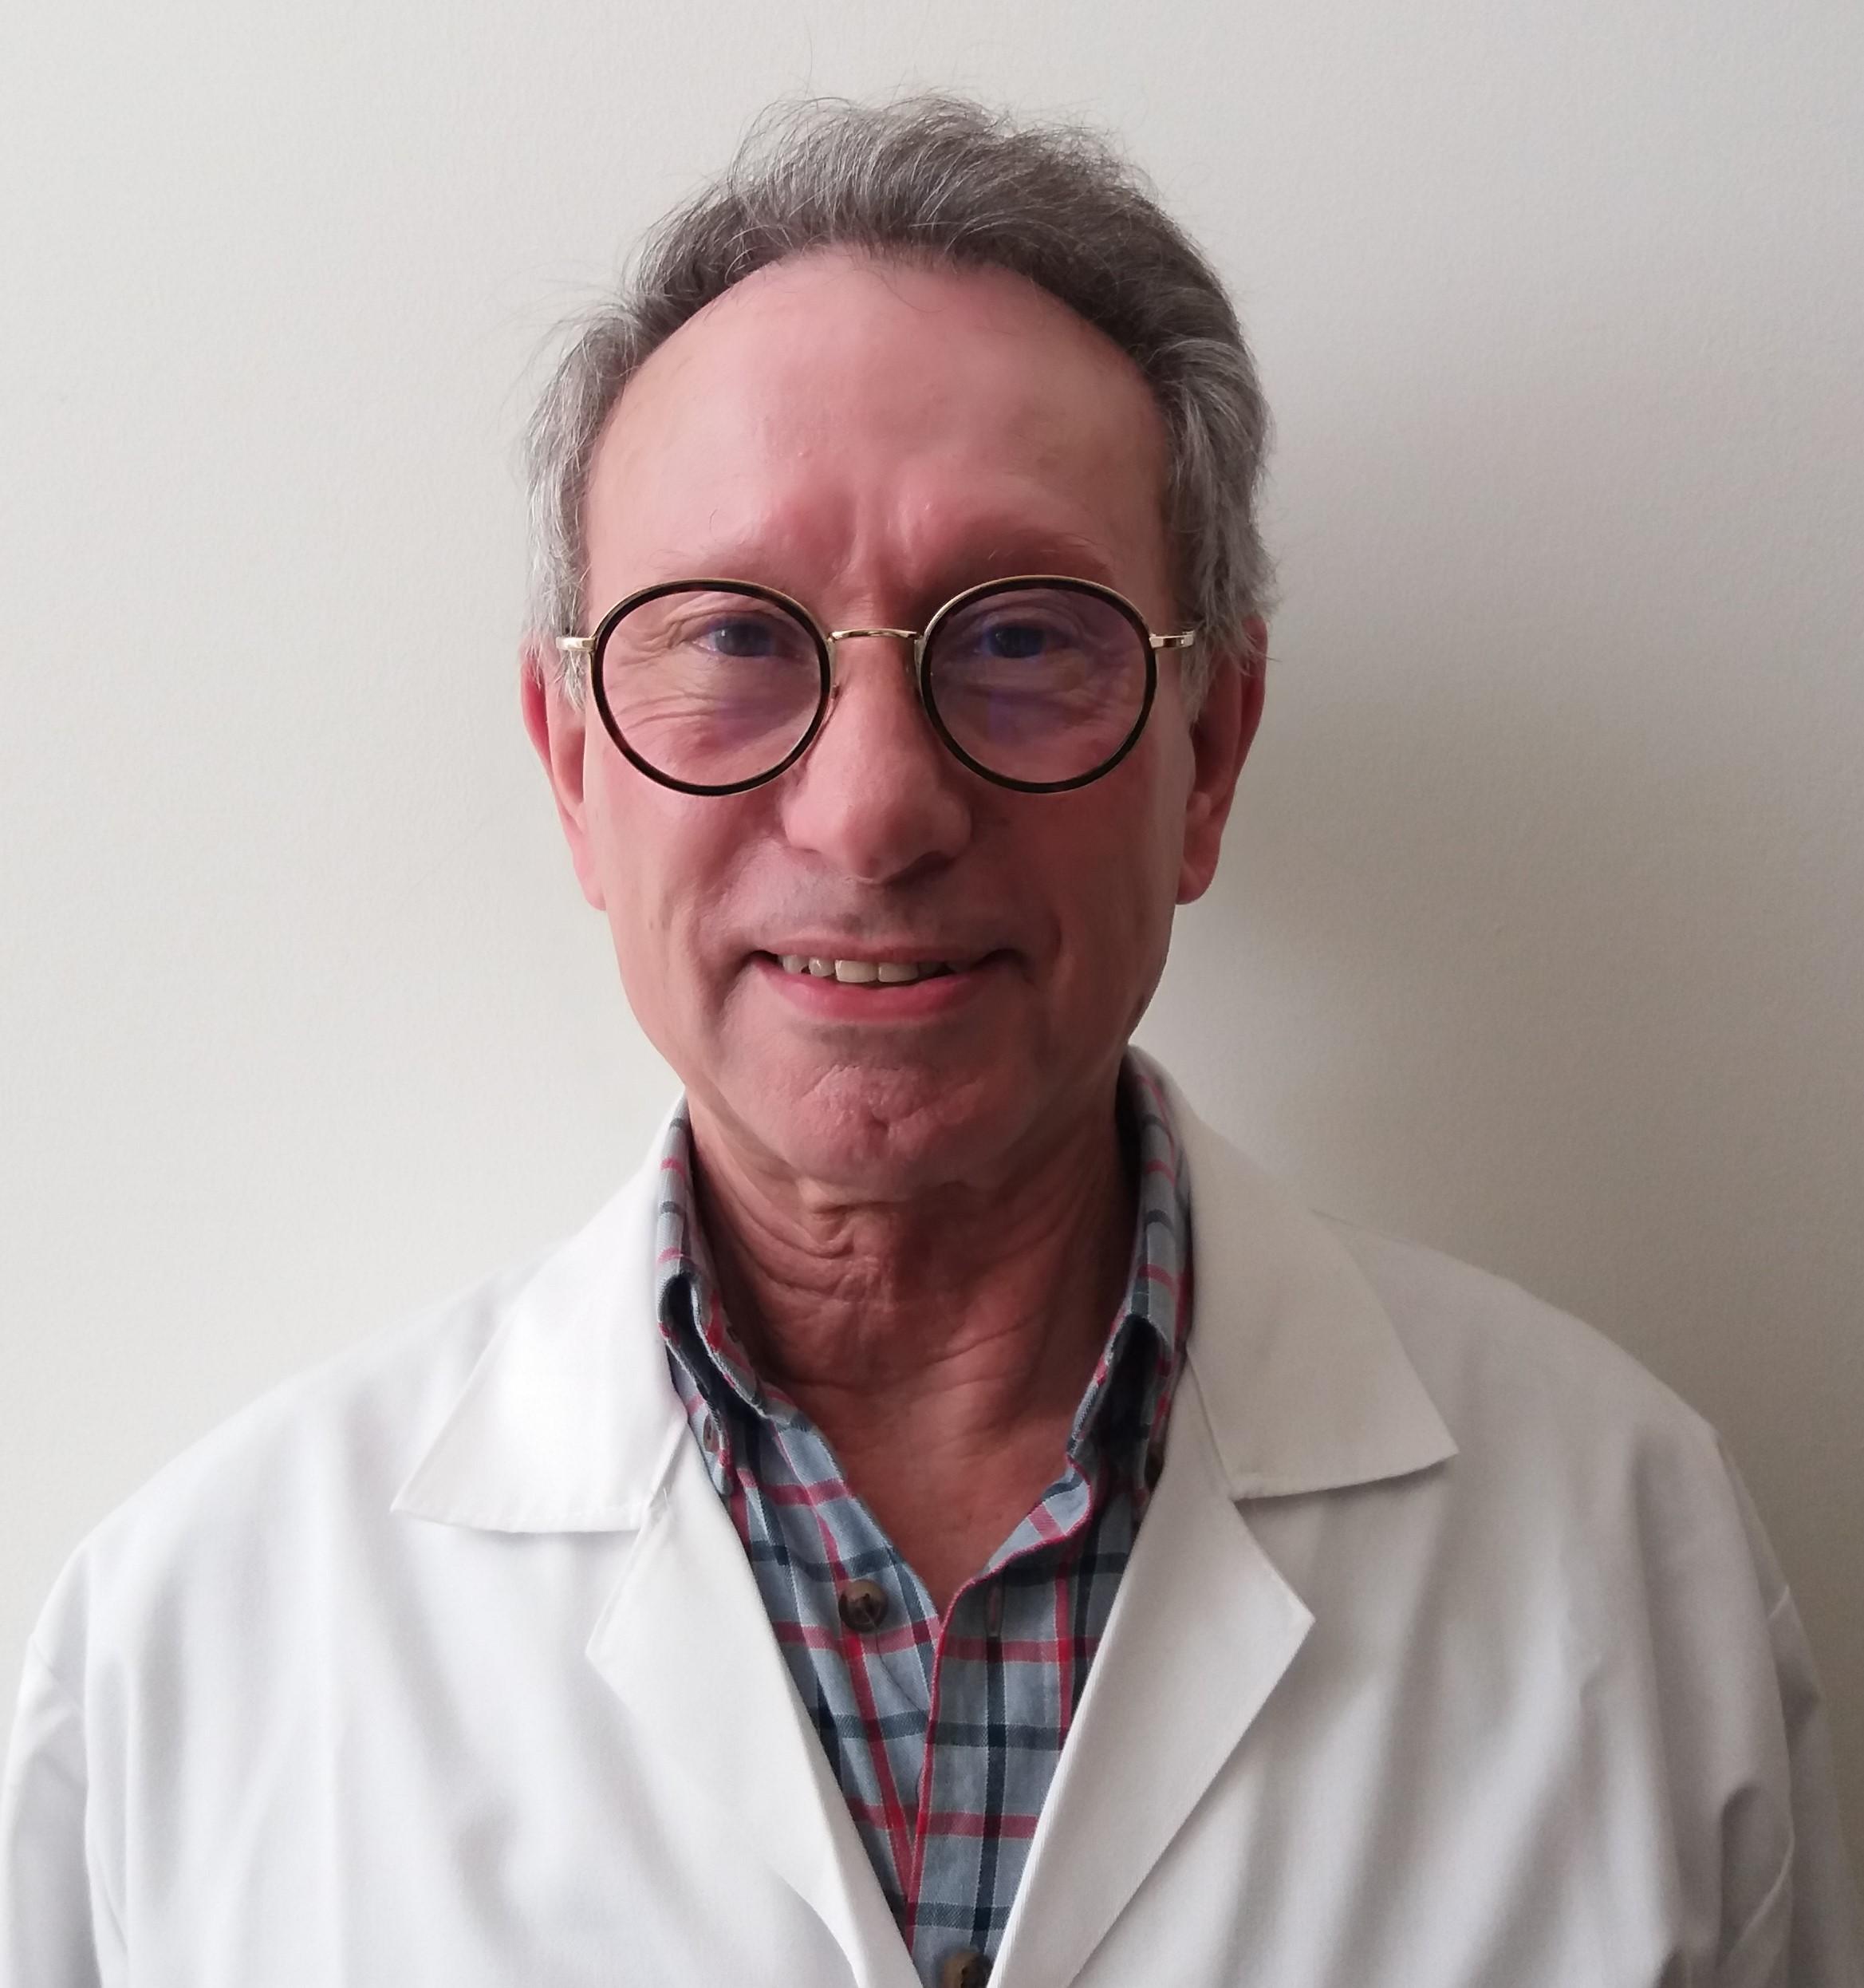 Dr. Ernestino Caniço